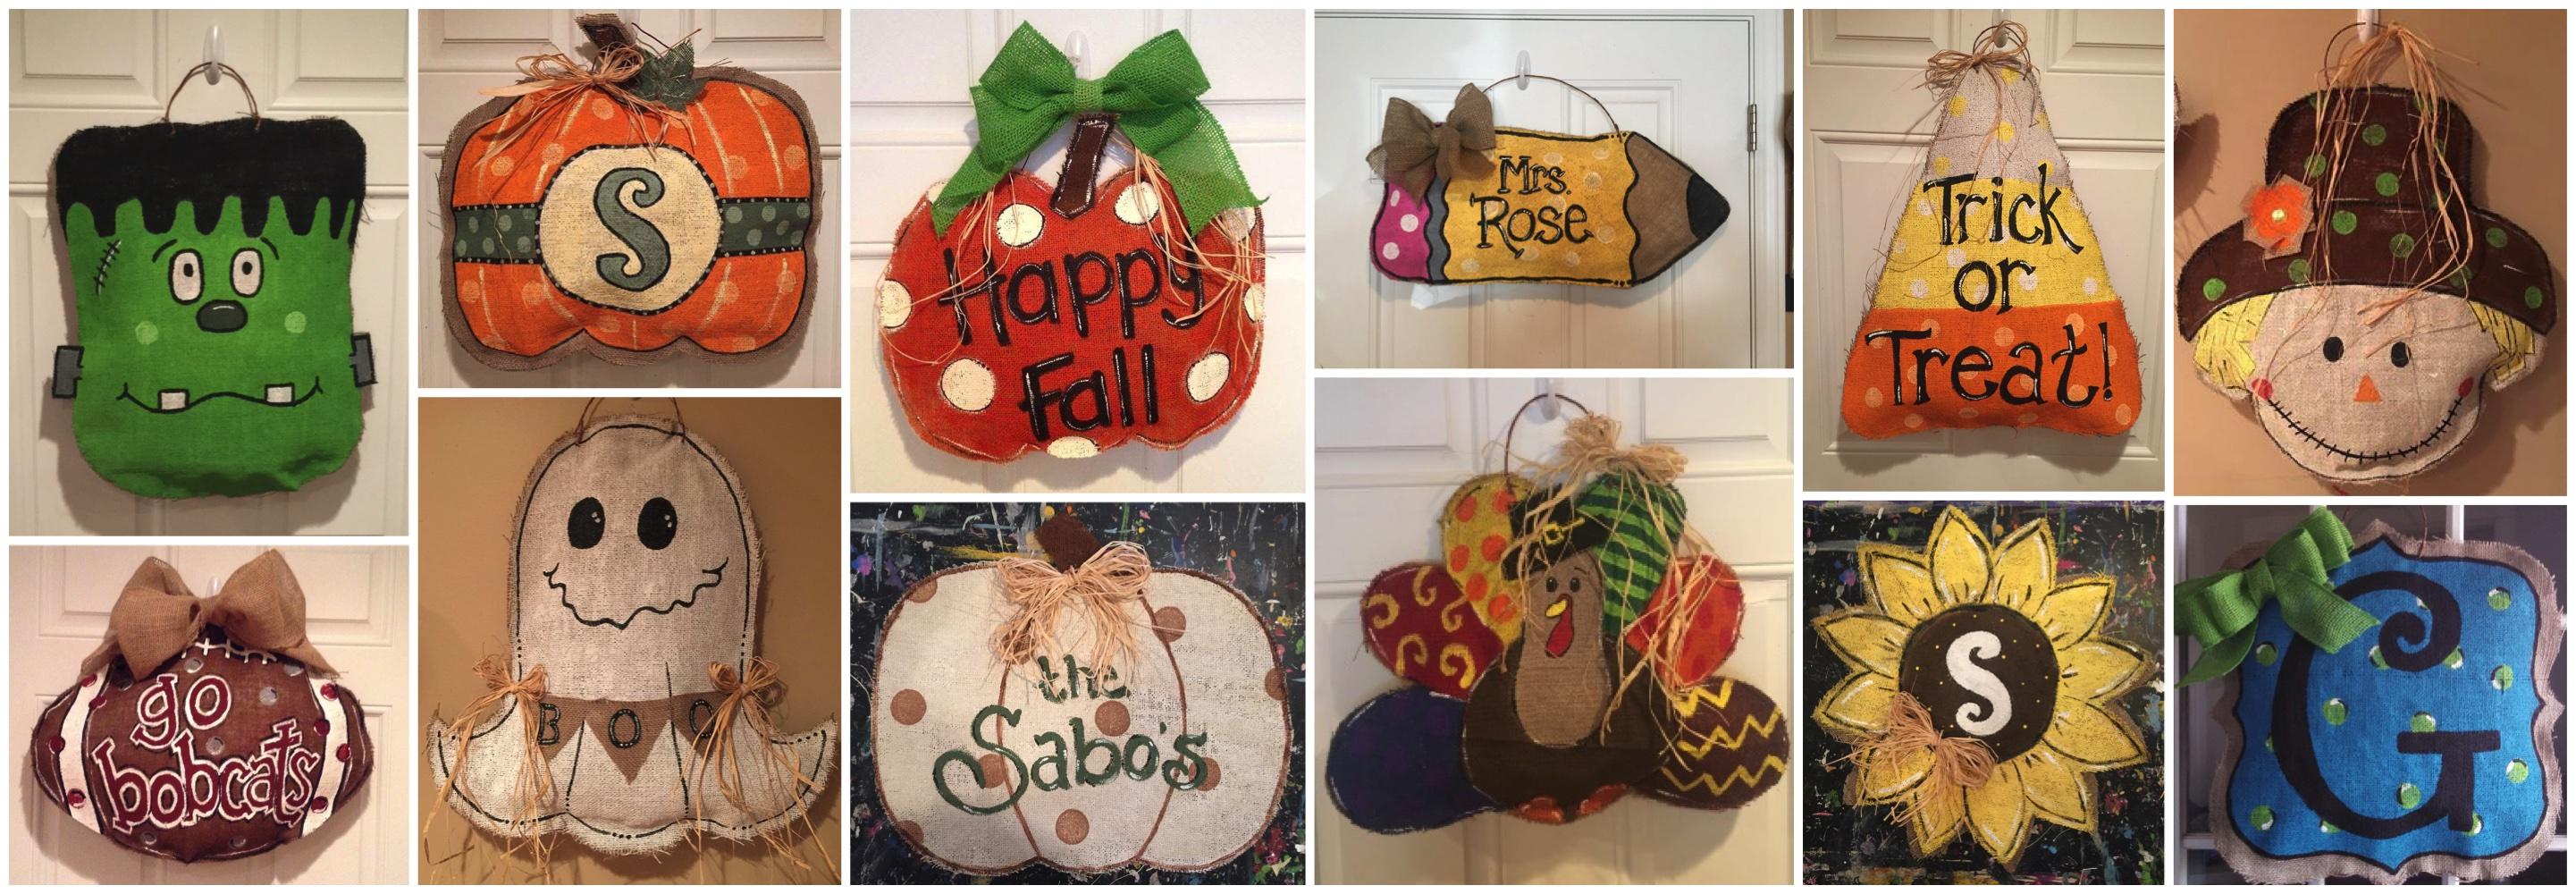 Fall Burlap Door Hangers2